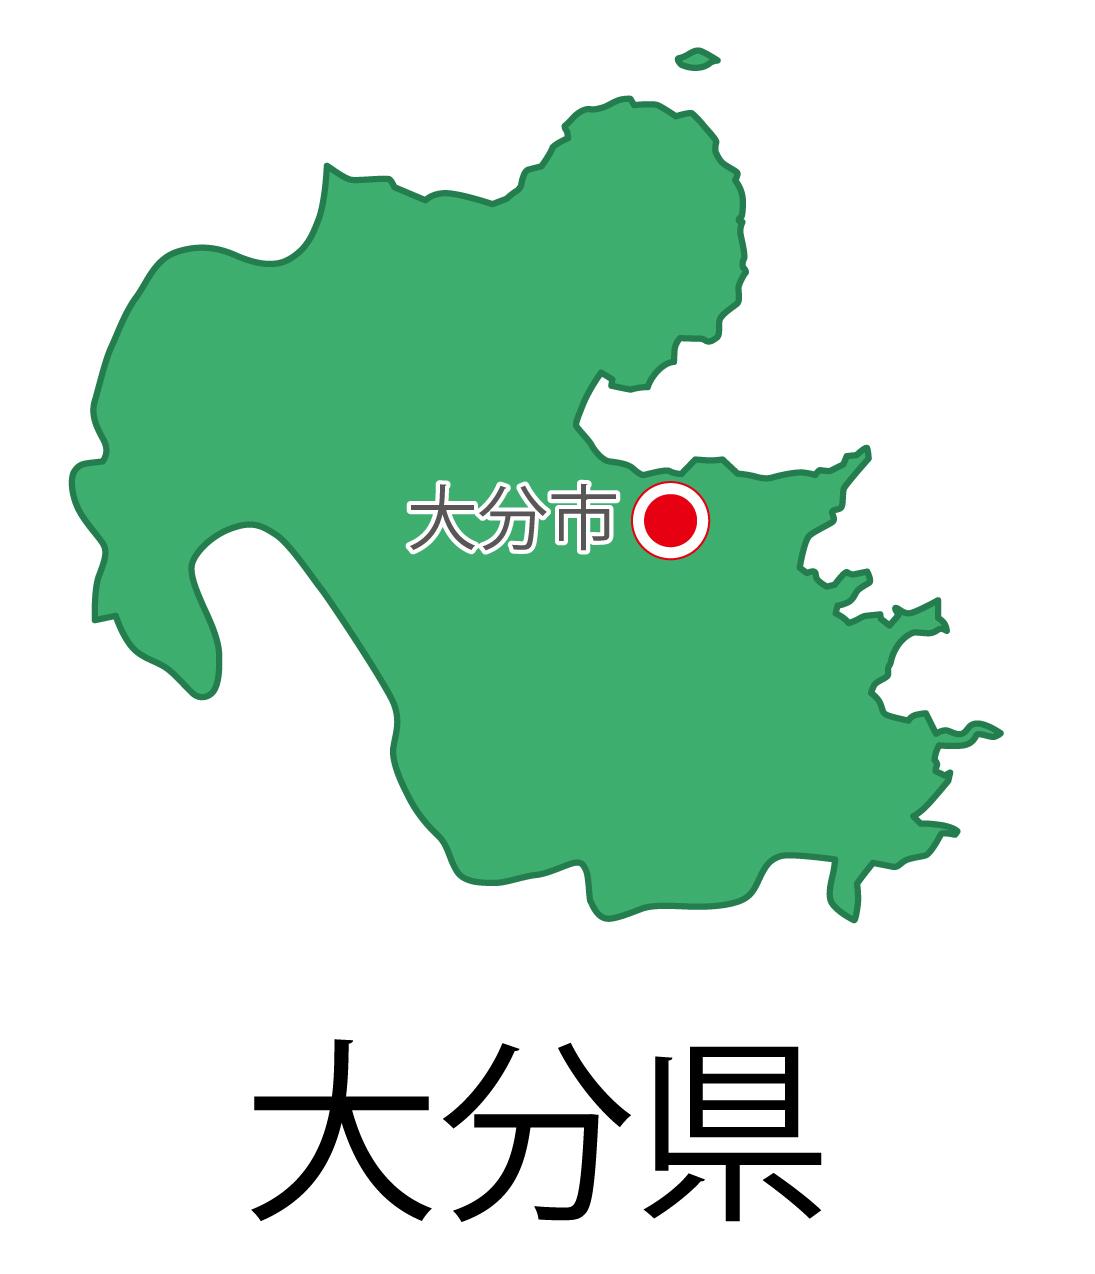 大分県無料フリーイラスト|日本語・都道府県名あり・県庁所在地あり(緑)